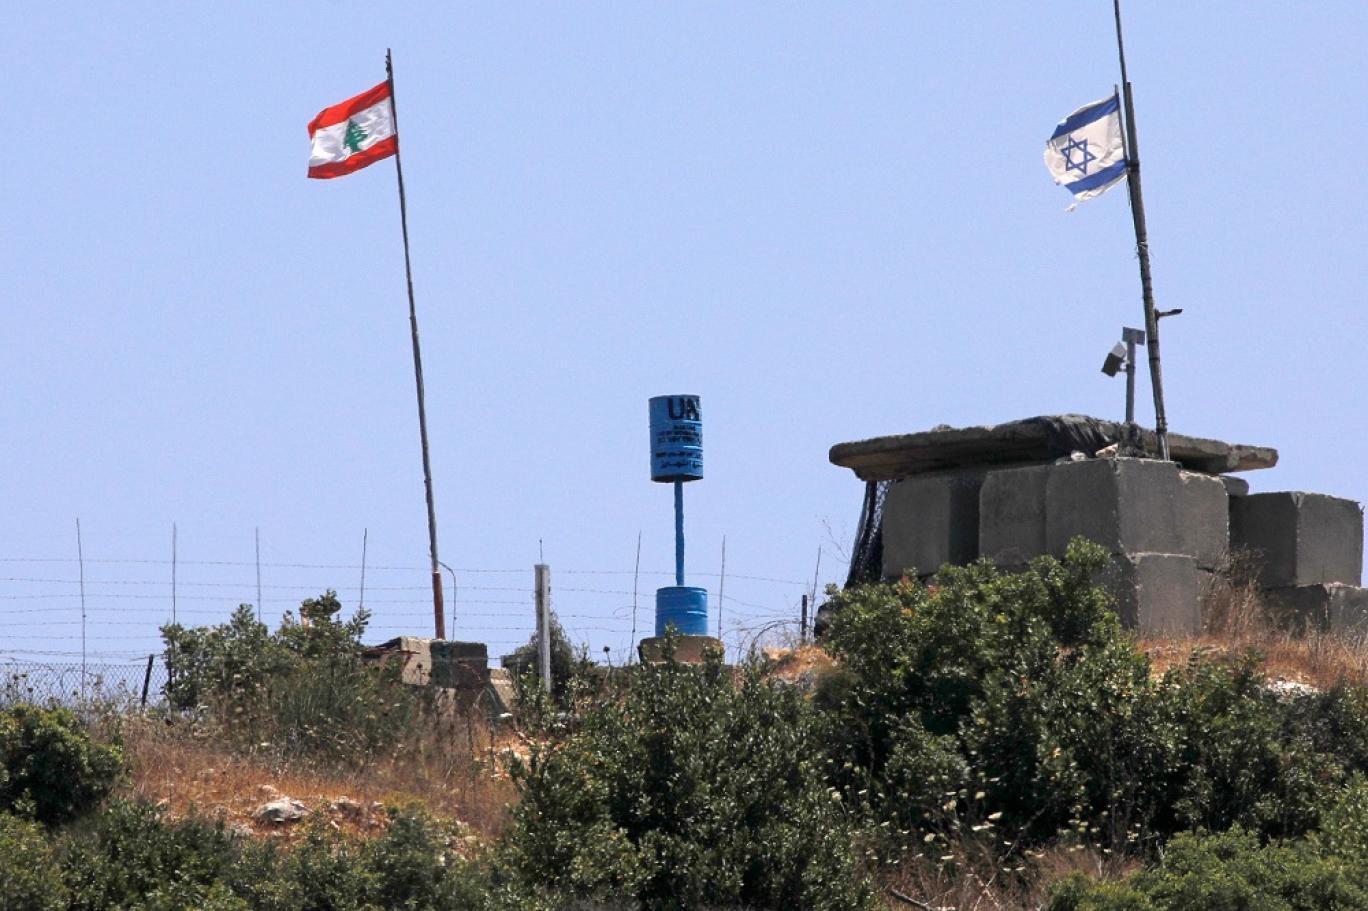 """حزب الله"""" لـ""""لبنان الكبير"""": مع رفع السقف وقطبة مخفية في مرسوم الحدود البحرية"""